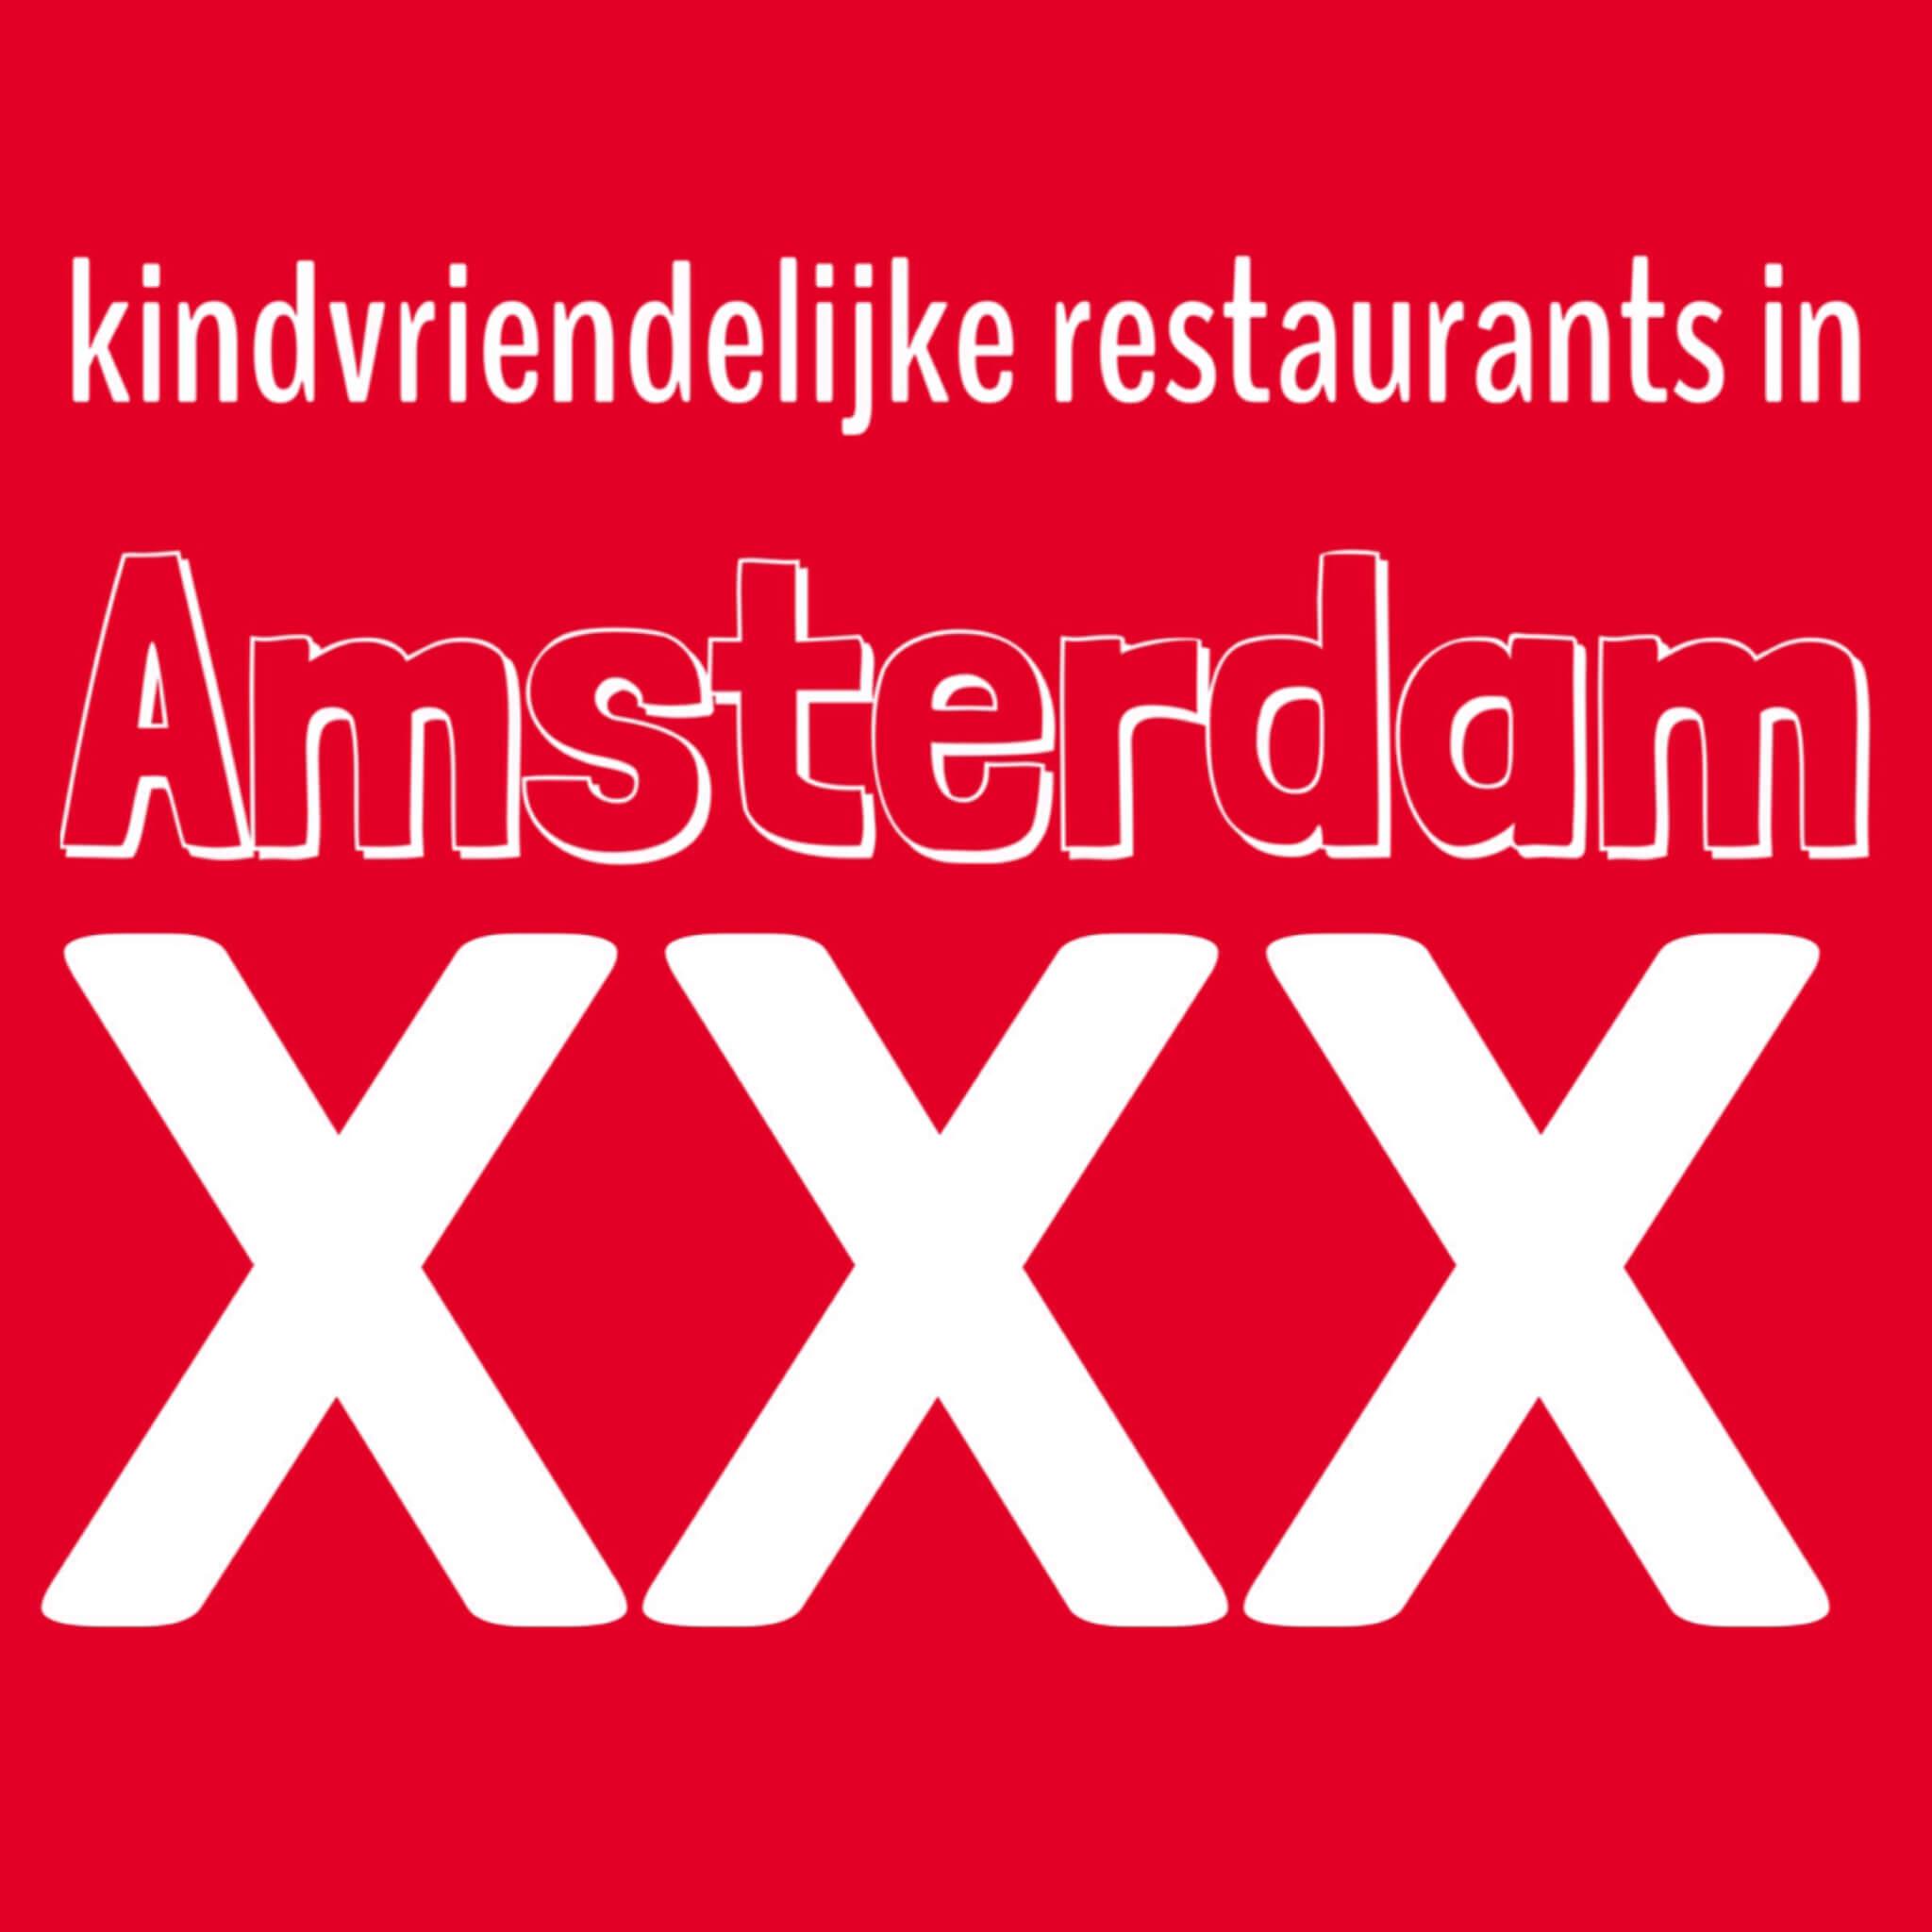 kindvriendelijke restaurants in Amsterdam